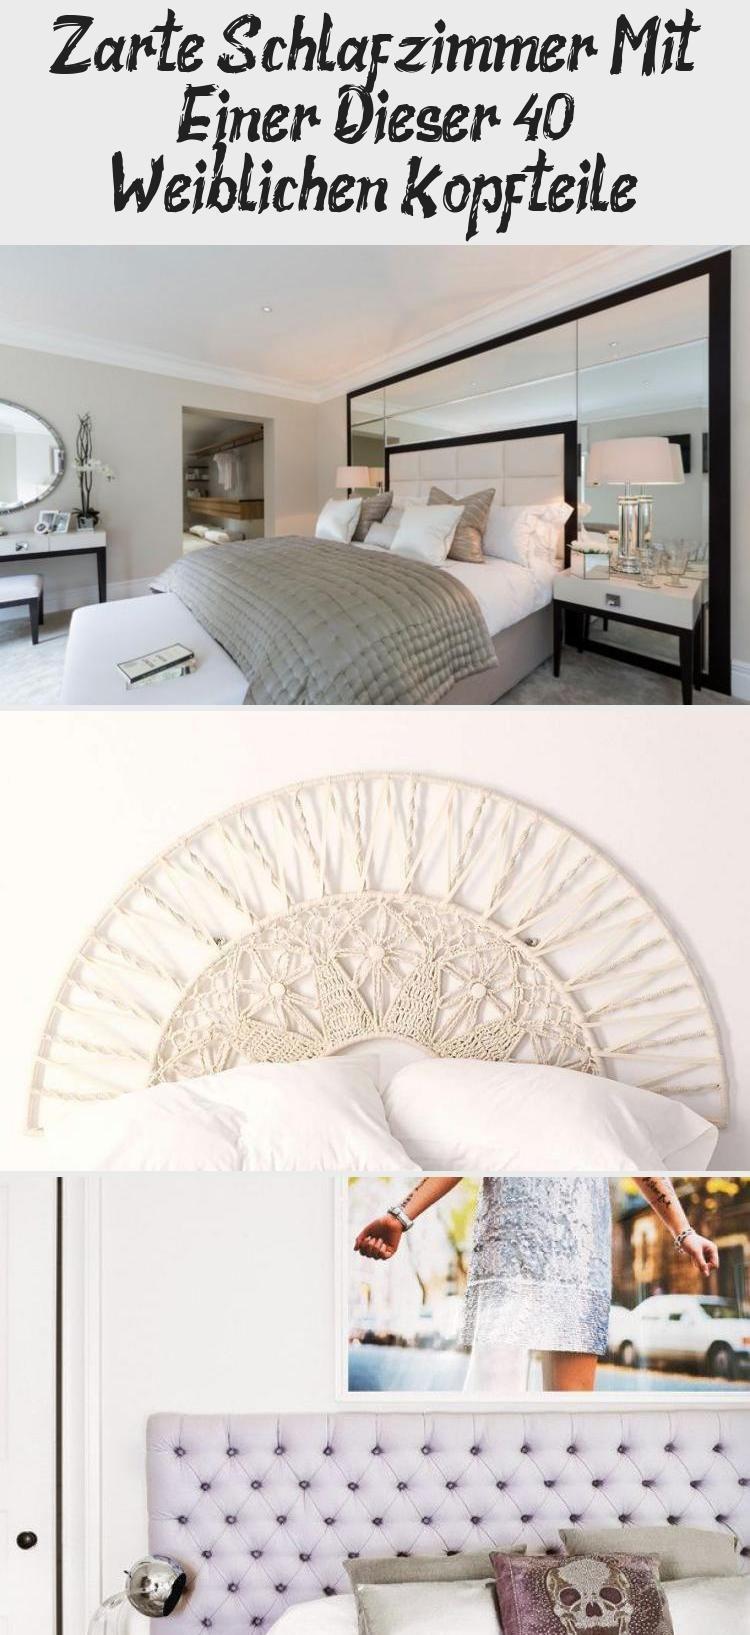 Zarte Schlafzimmer Mit Einer Dieser 40 Weiblichen Kopfteile